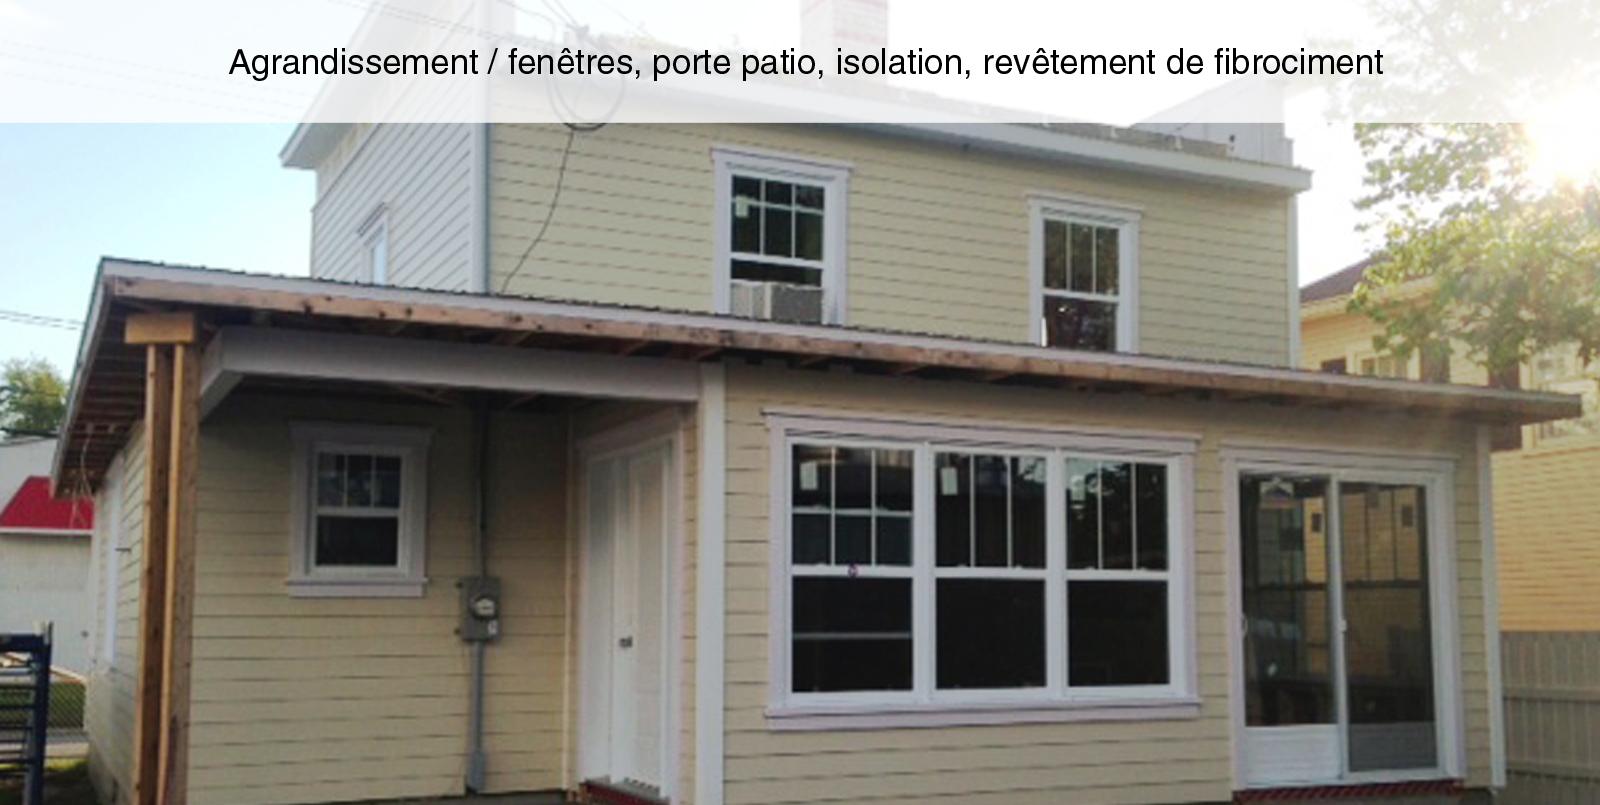 65-1-PANACHE-CONSTRUCTION-RENOVATION-AGRANDISSEMENT-FENETRE-ISOLATION-REVETEMENT